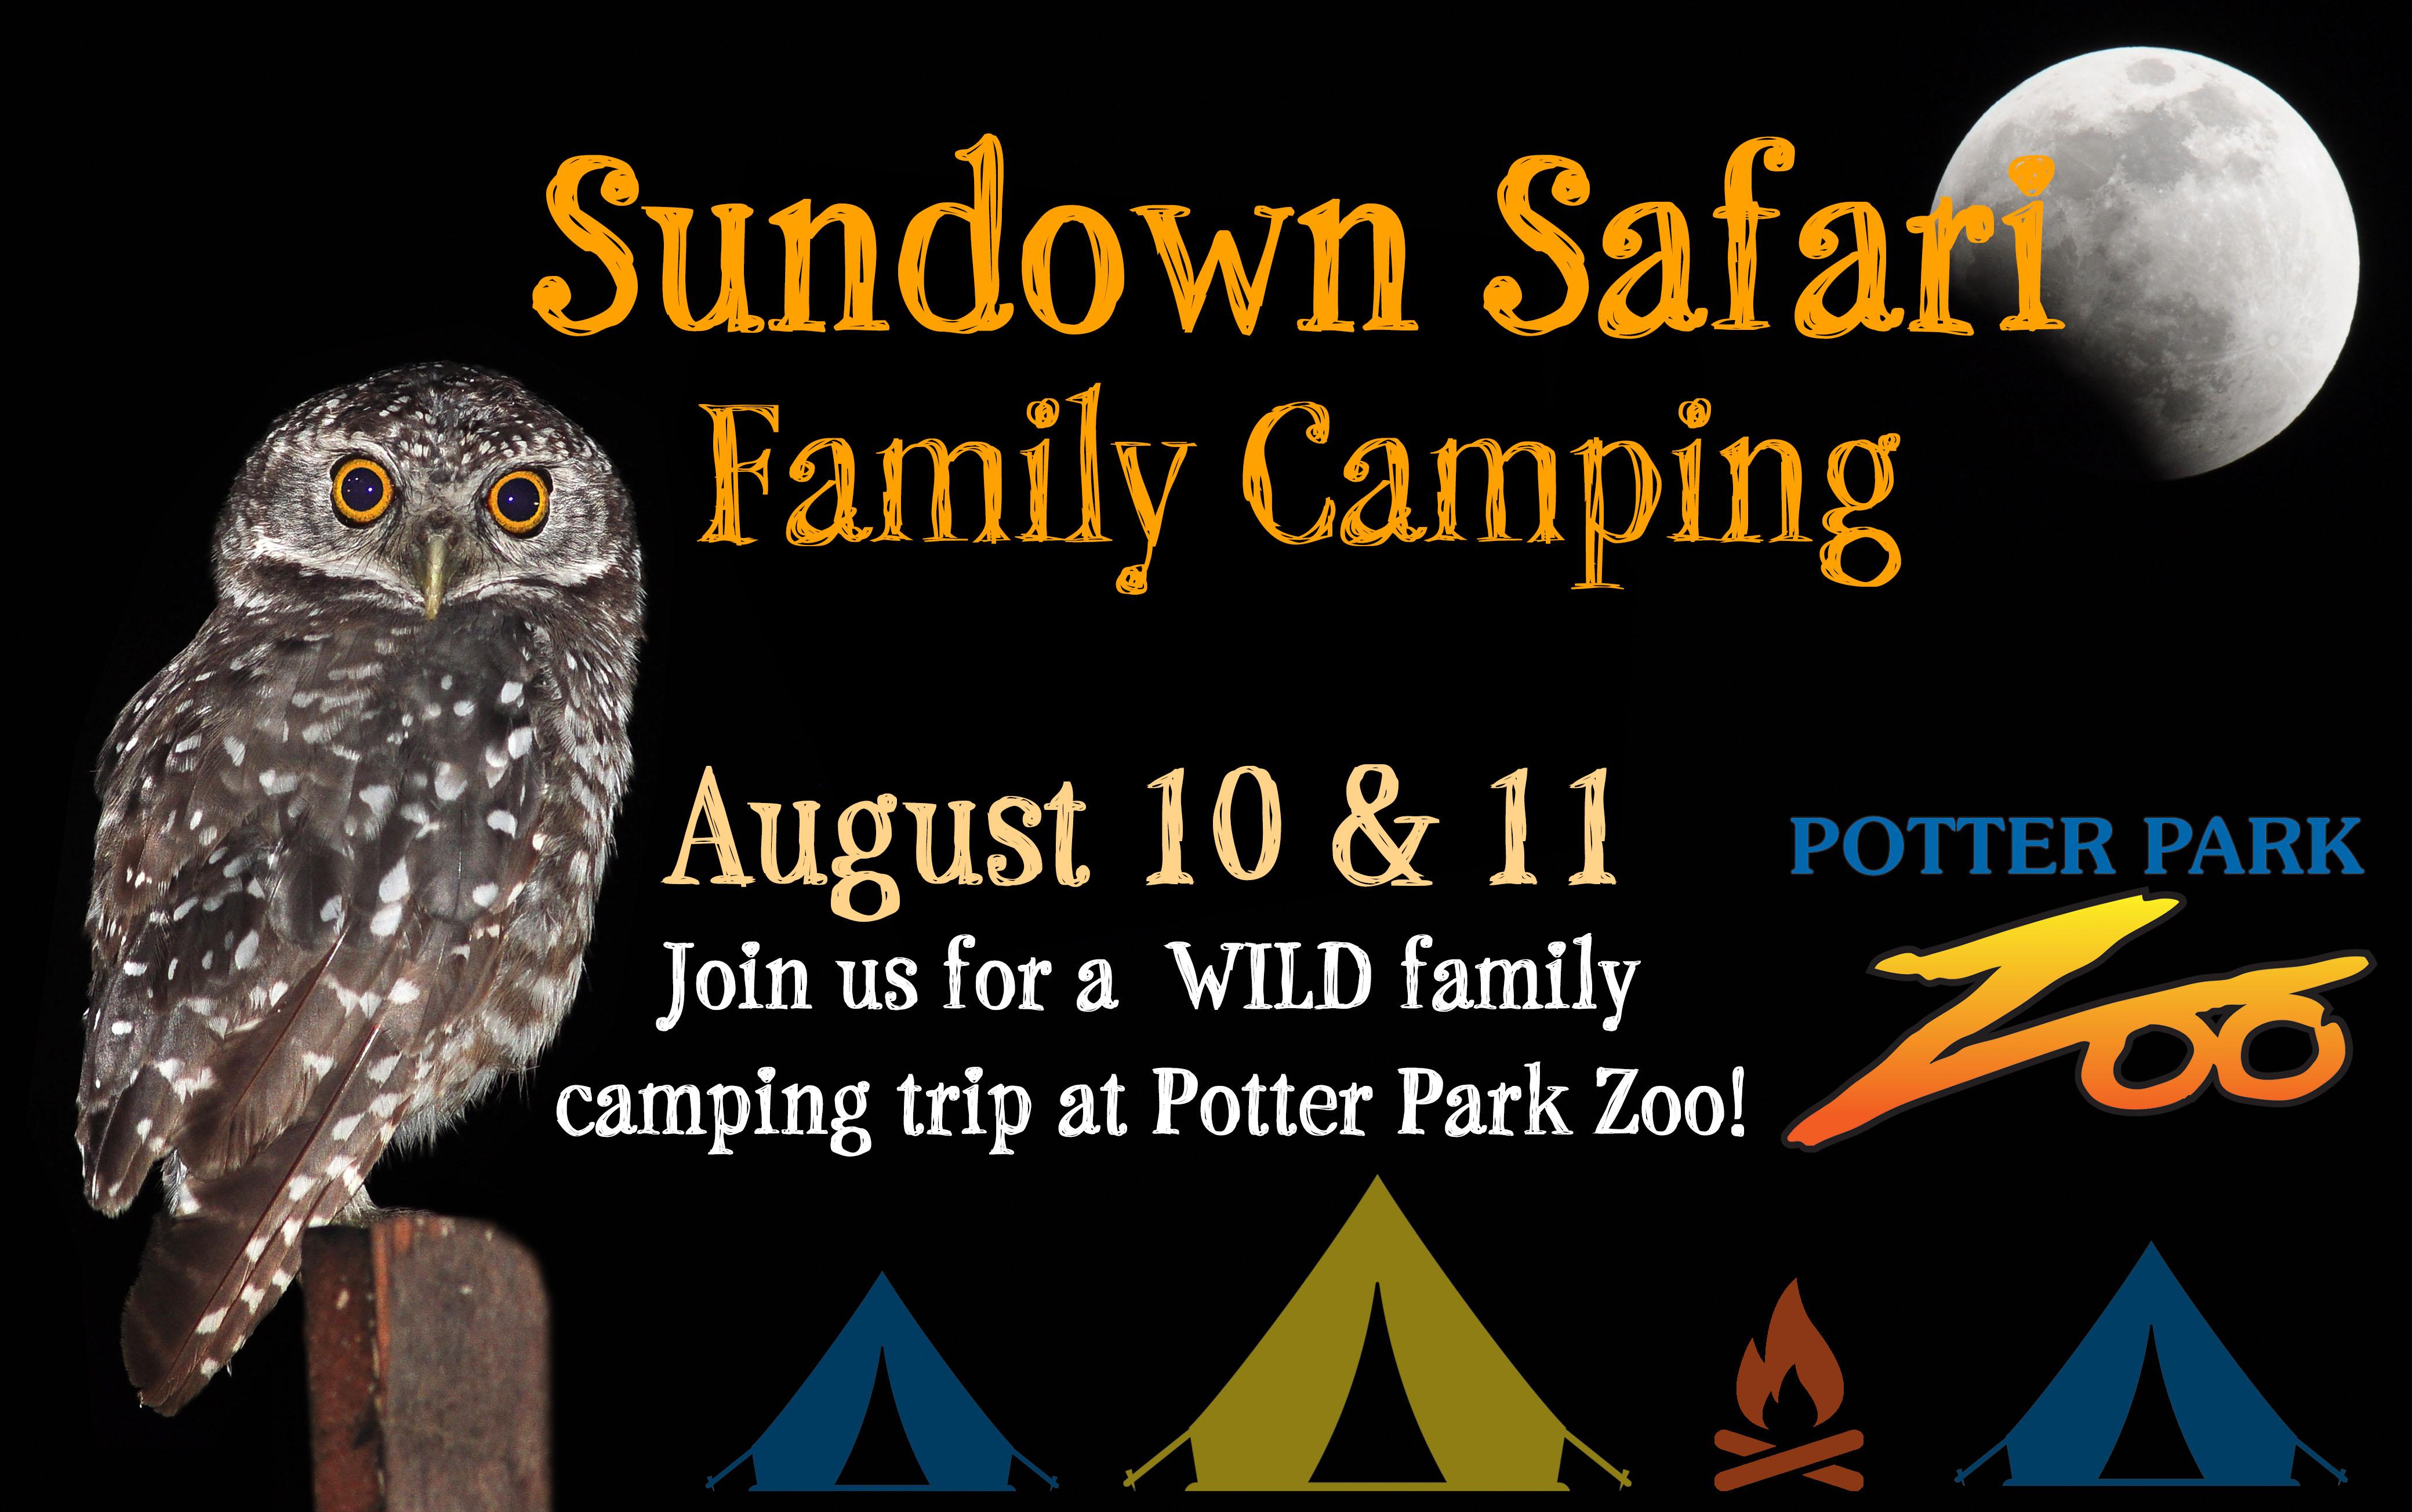 sundown Safari Family Camping banner